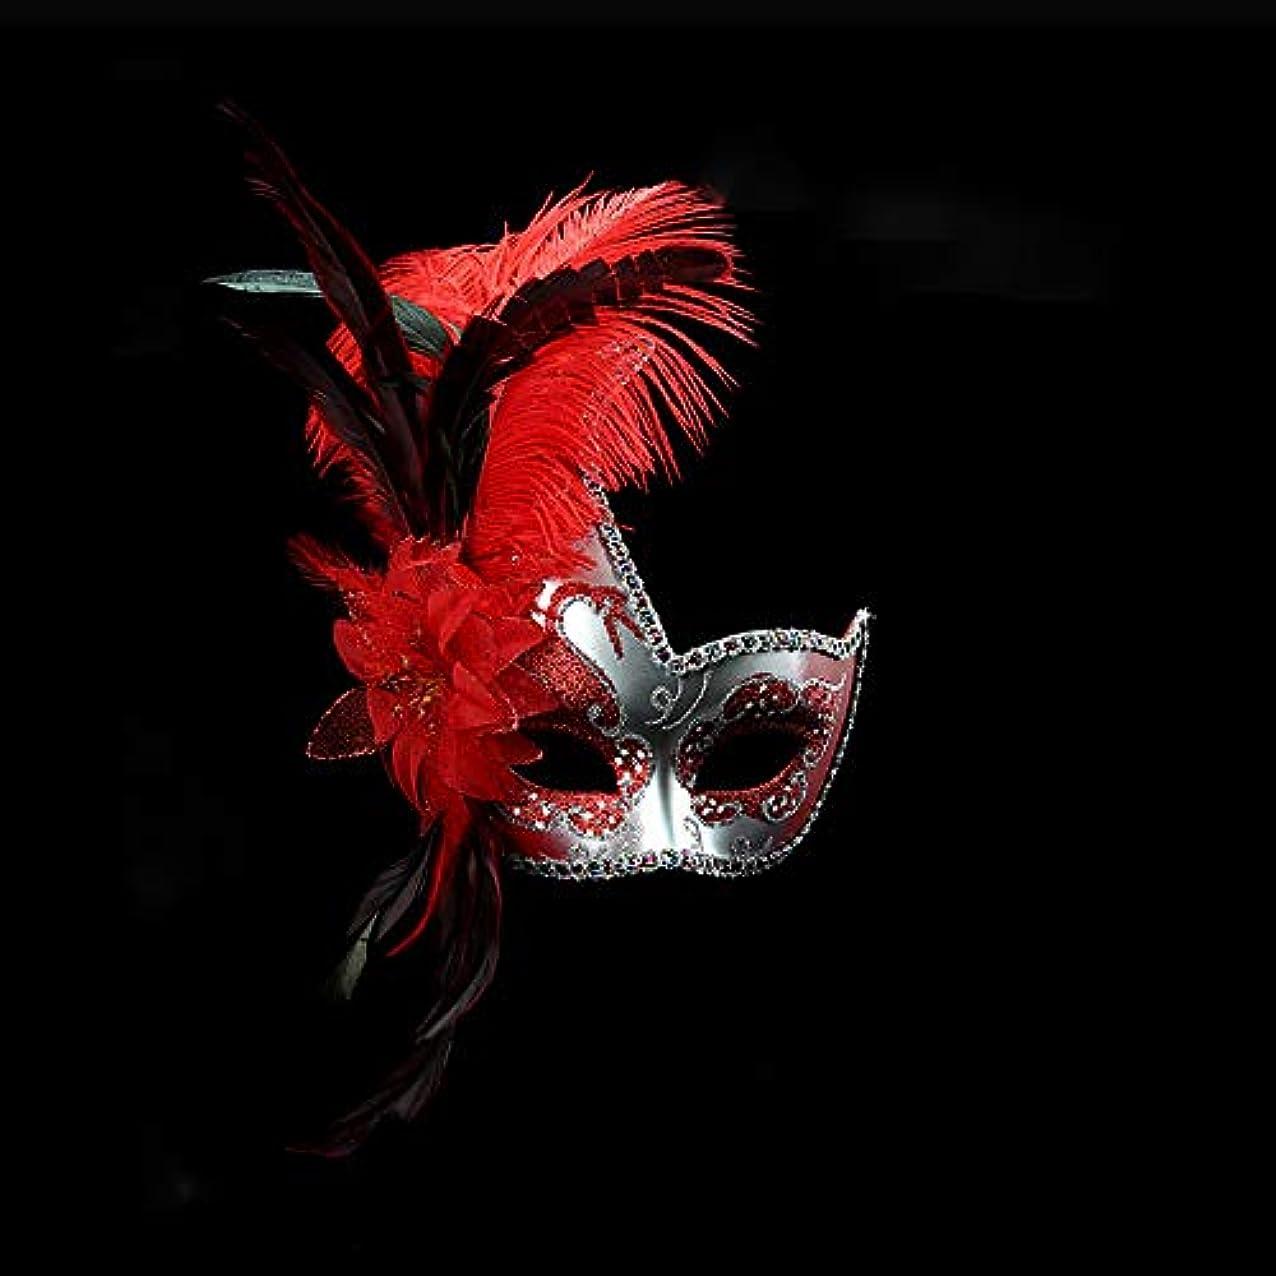 曲がったマトロン憂鬱なNanle ハロウィンマスクハーフフェザーマスクベニスプリンセスマスク美容レース仮面ライダーコスプレ (色 : Red)